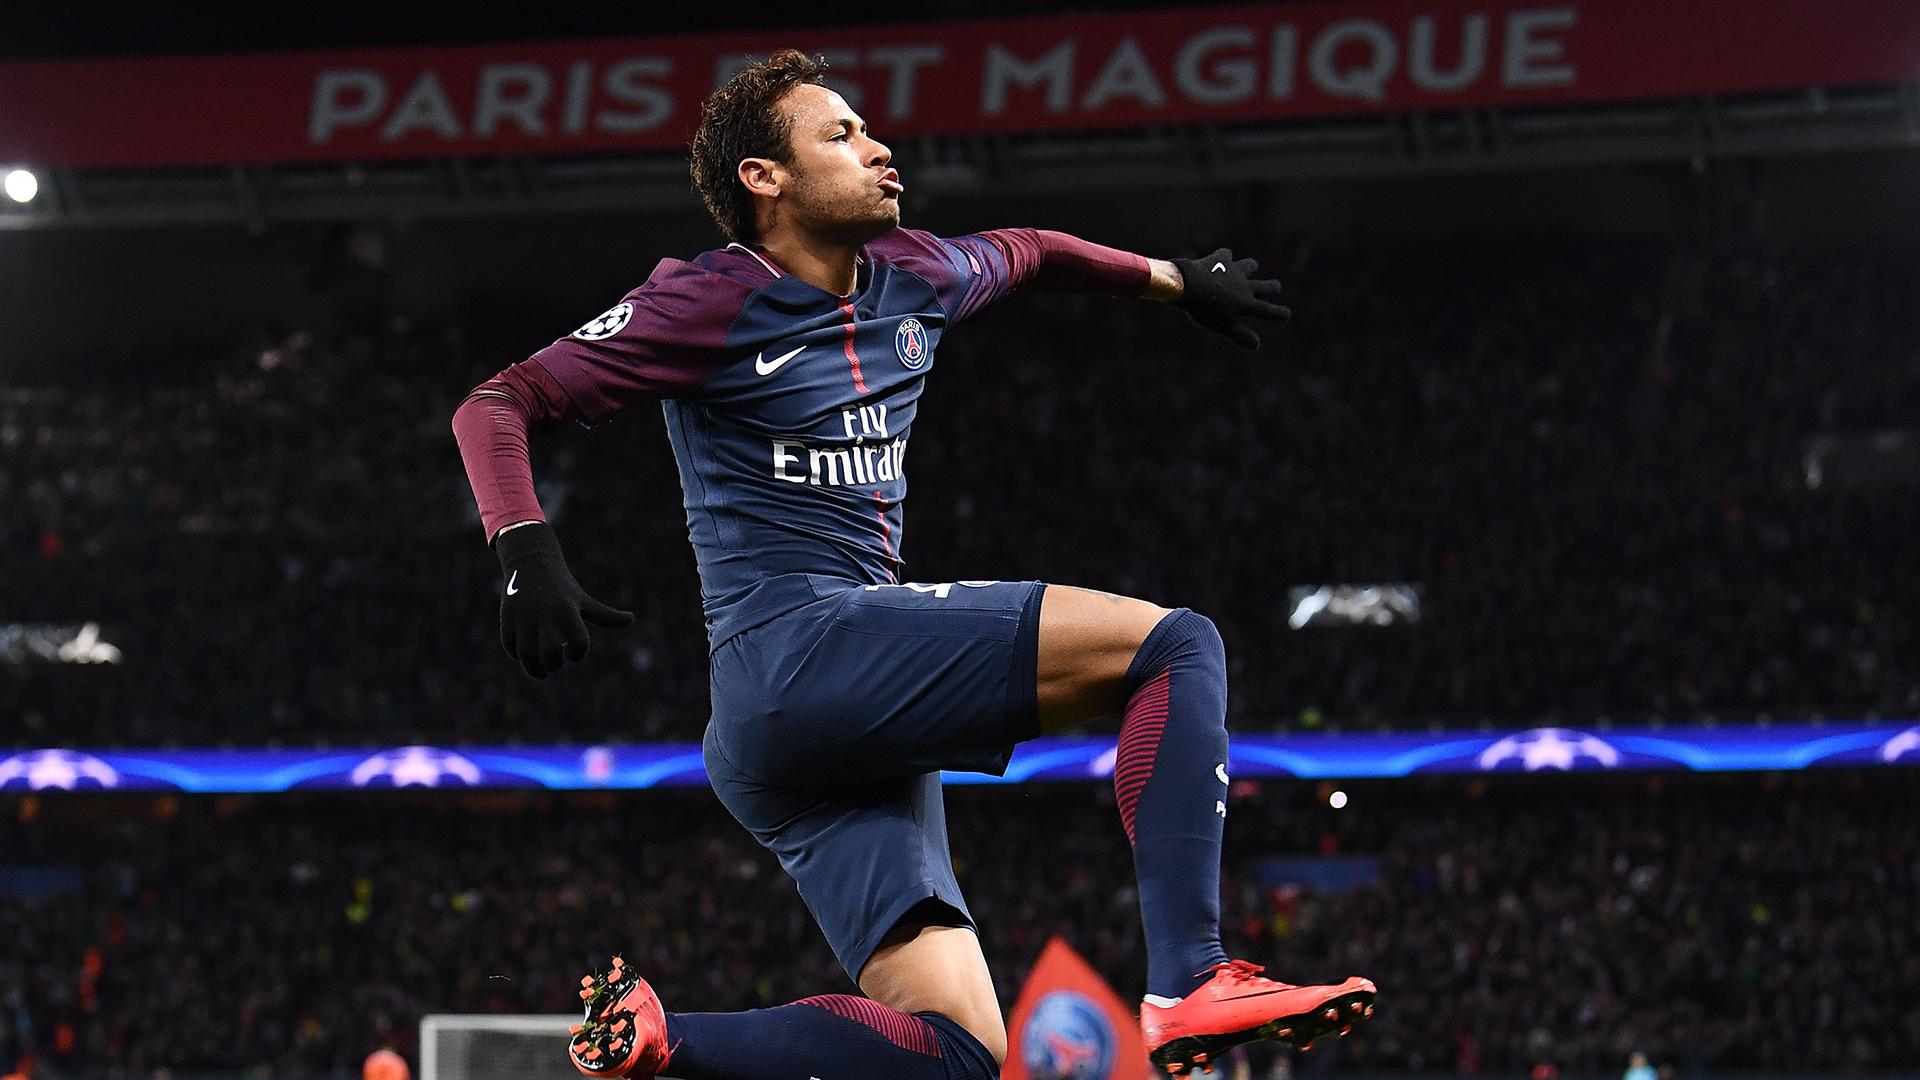 Mercato - Le PSG est-il trop exigeant pour Neymar ?